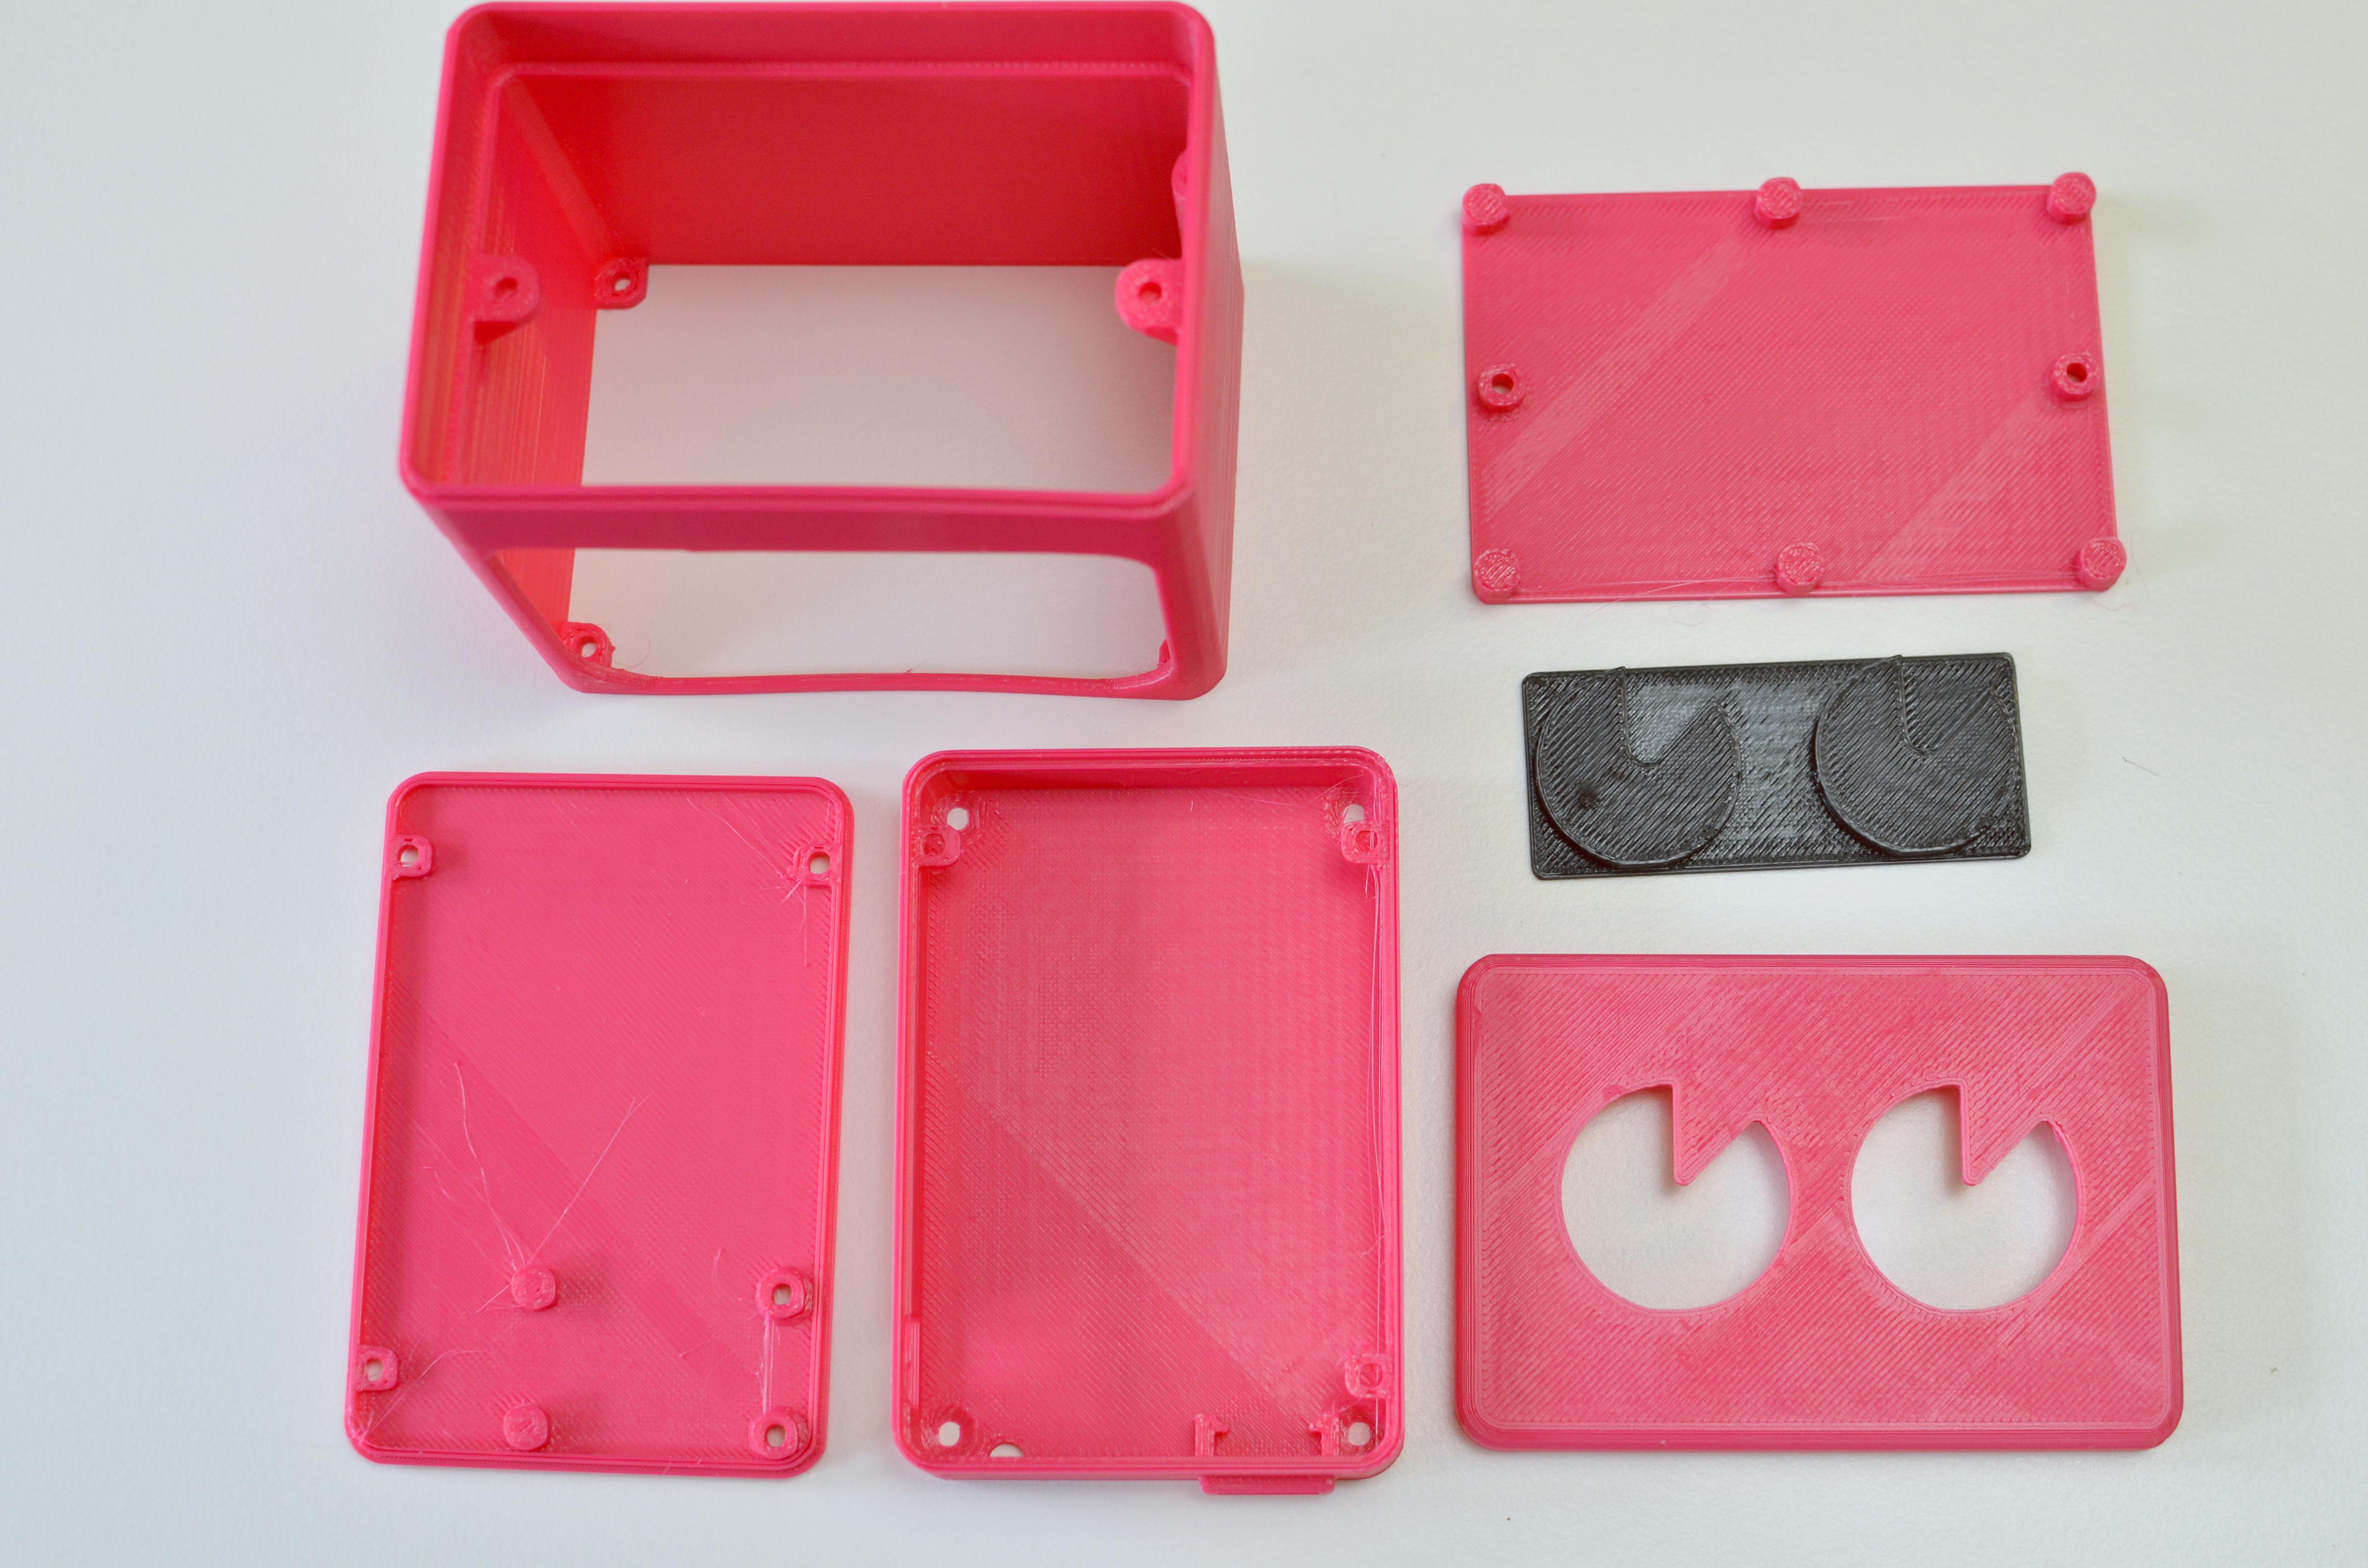 leds_uv-manicure-lamp-3d-parts.jpg